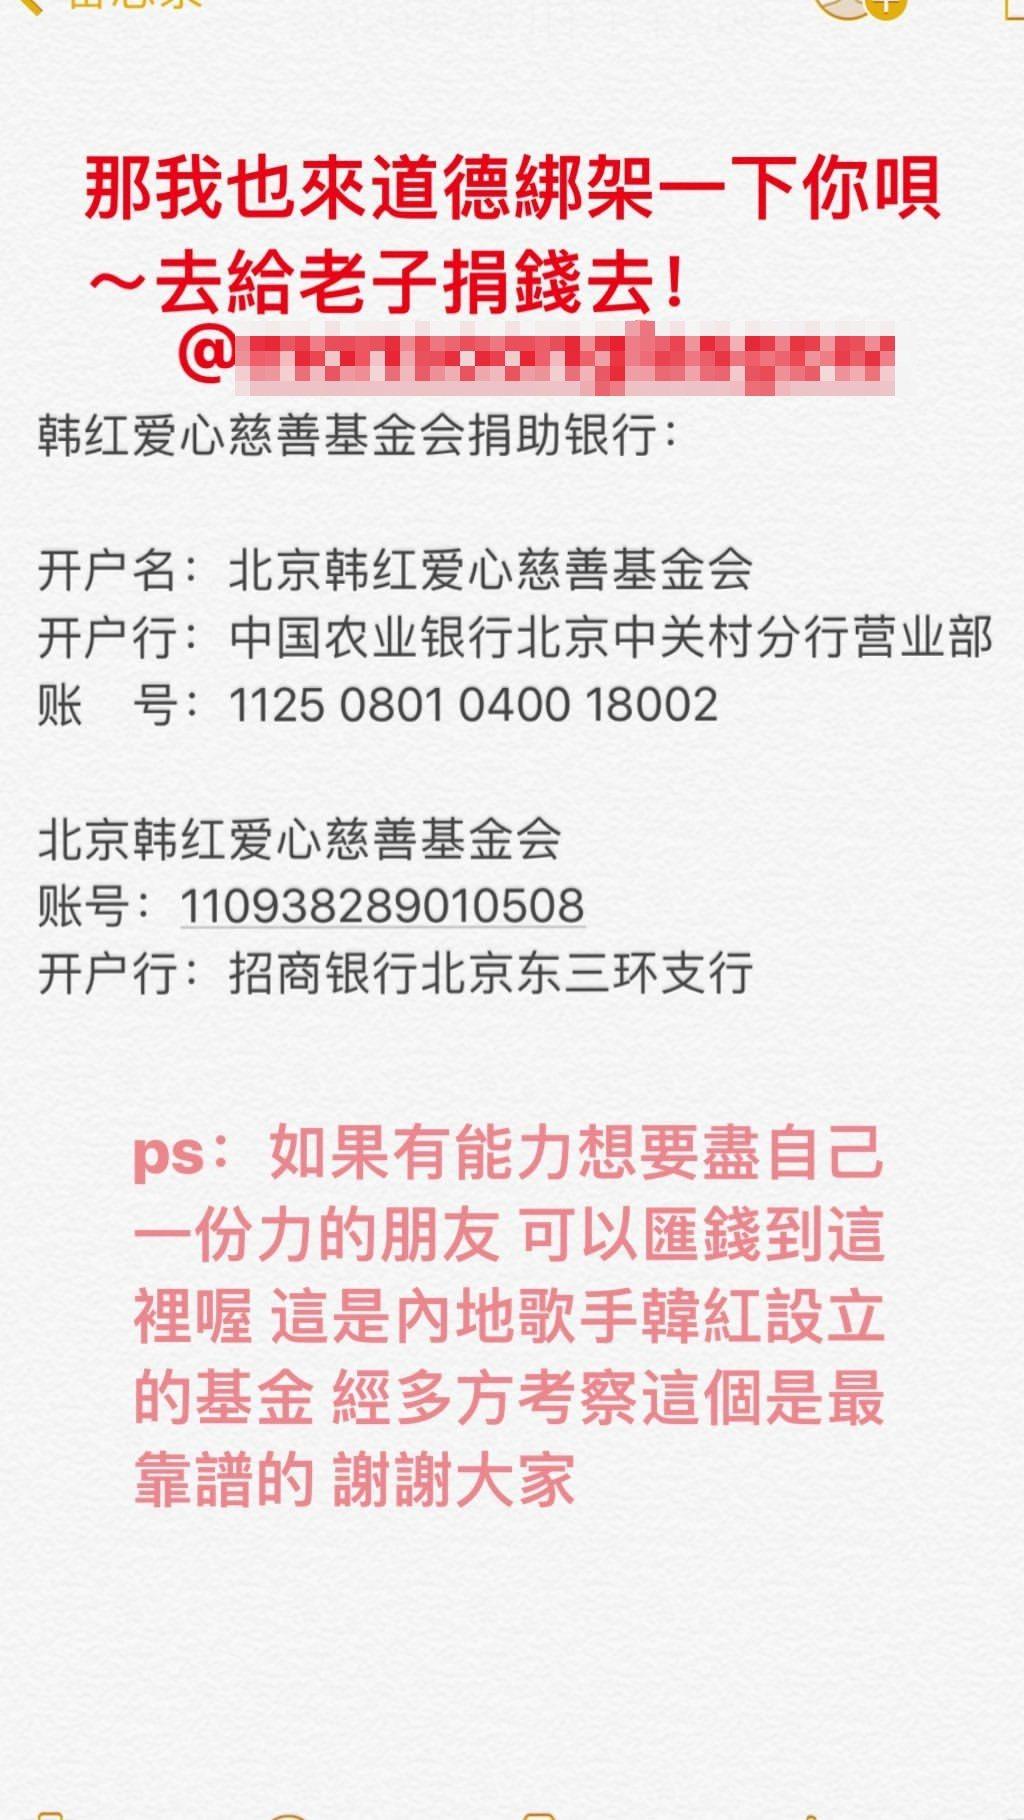 周揚青標注那位網友要去捐款。 圖/擷自周揚青IG